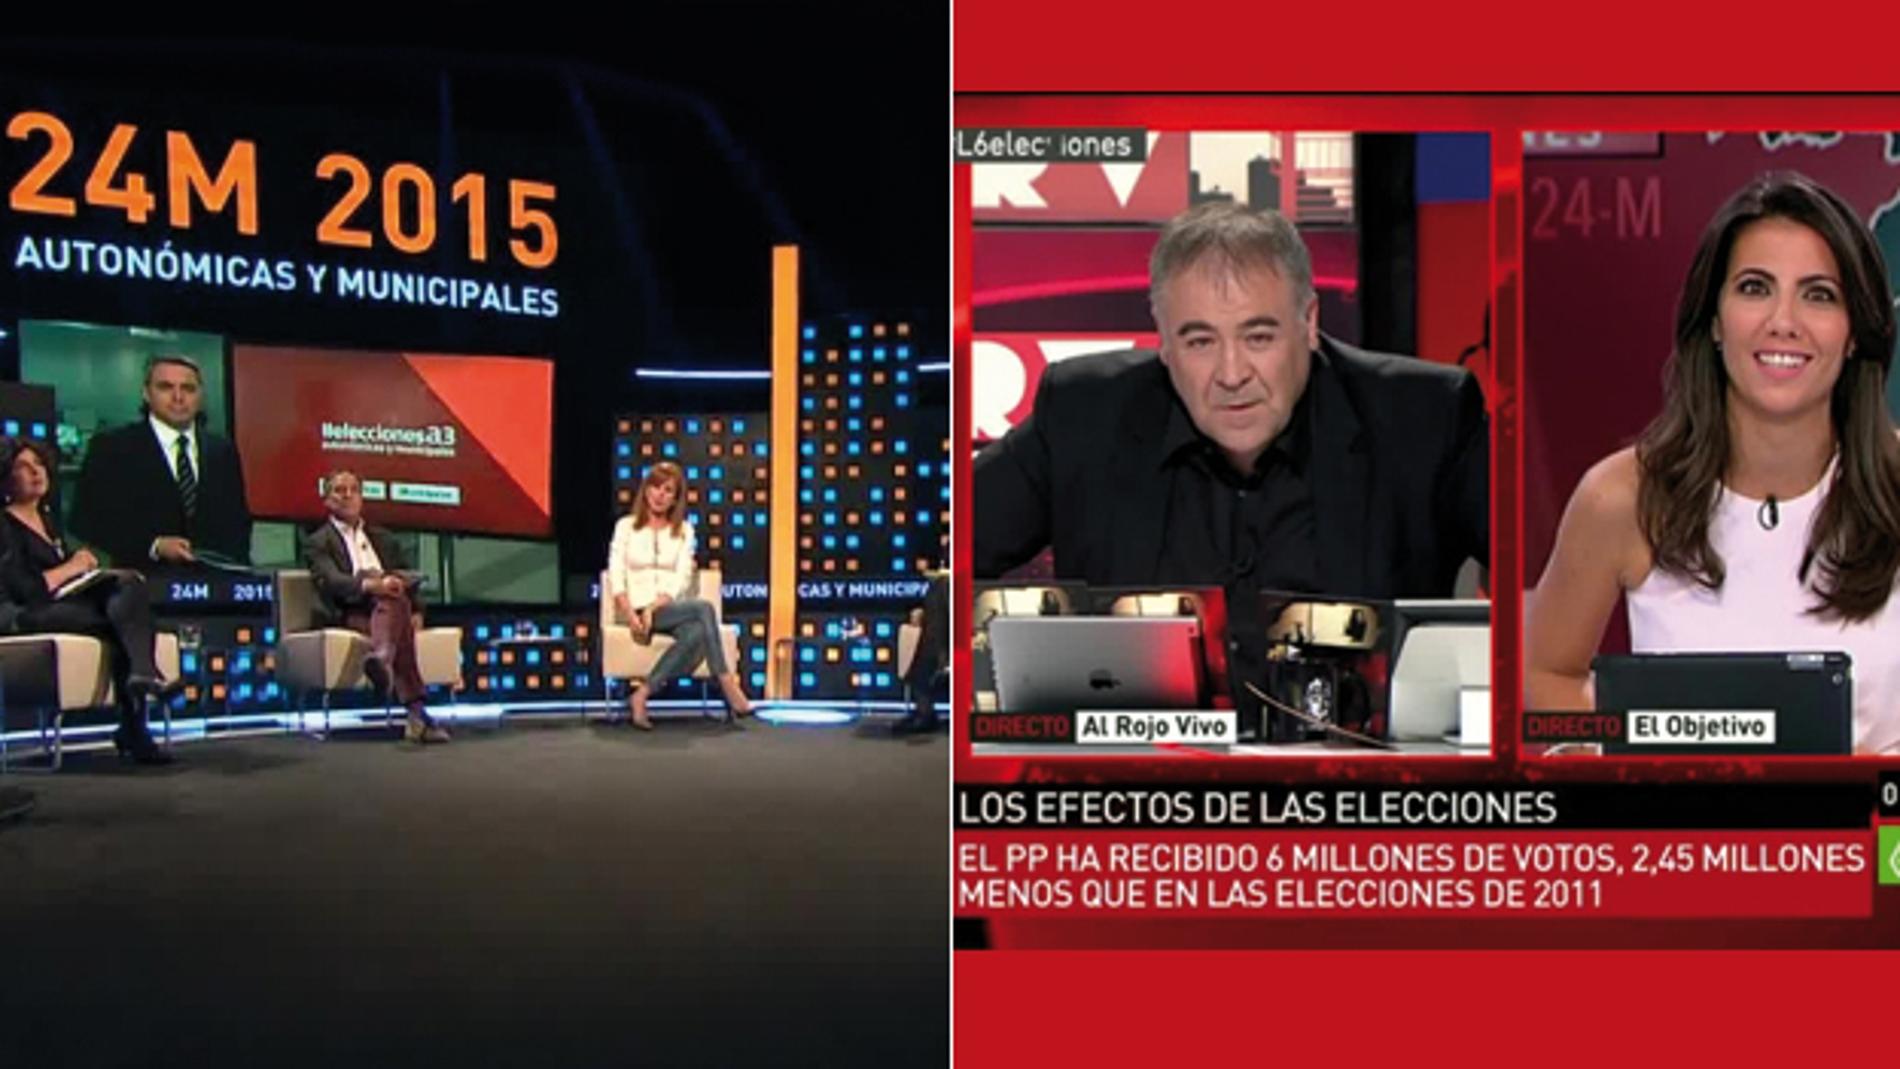 Atresmedia TV, grupo líder para seguir las elecciones municipales del 24 de mayo